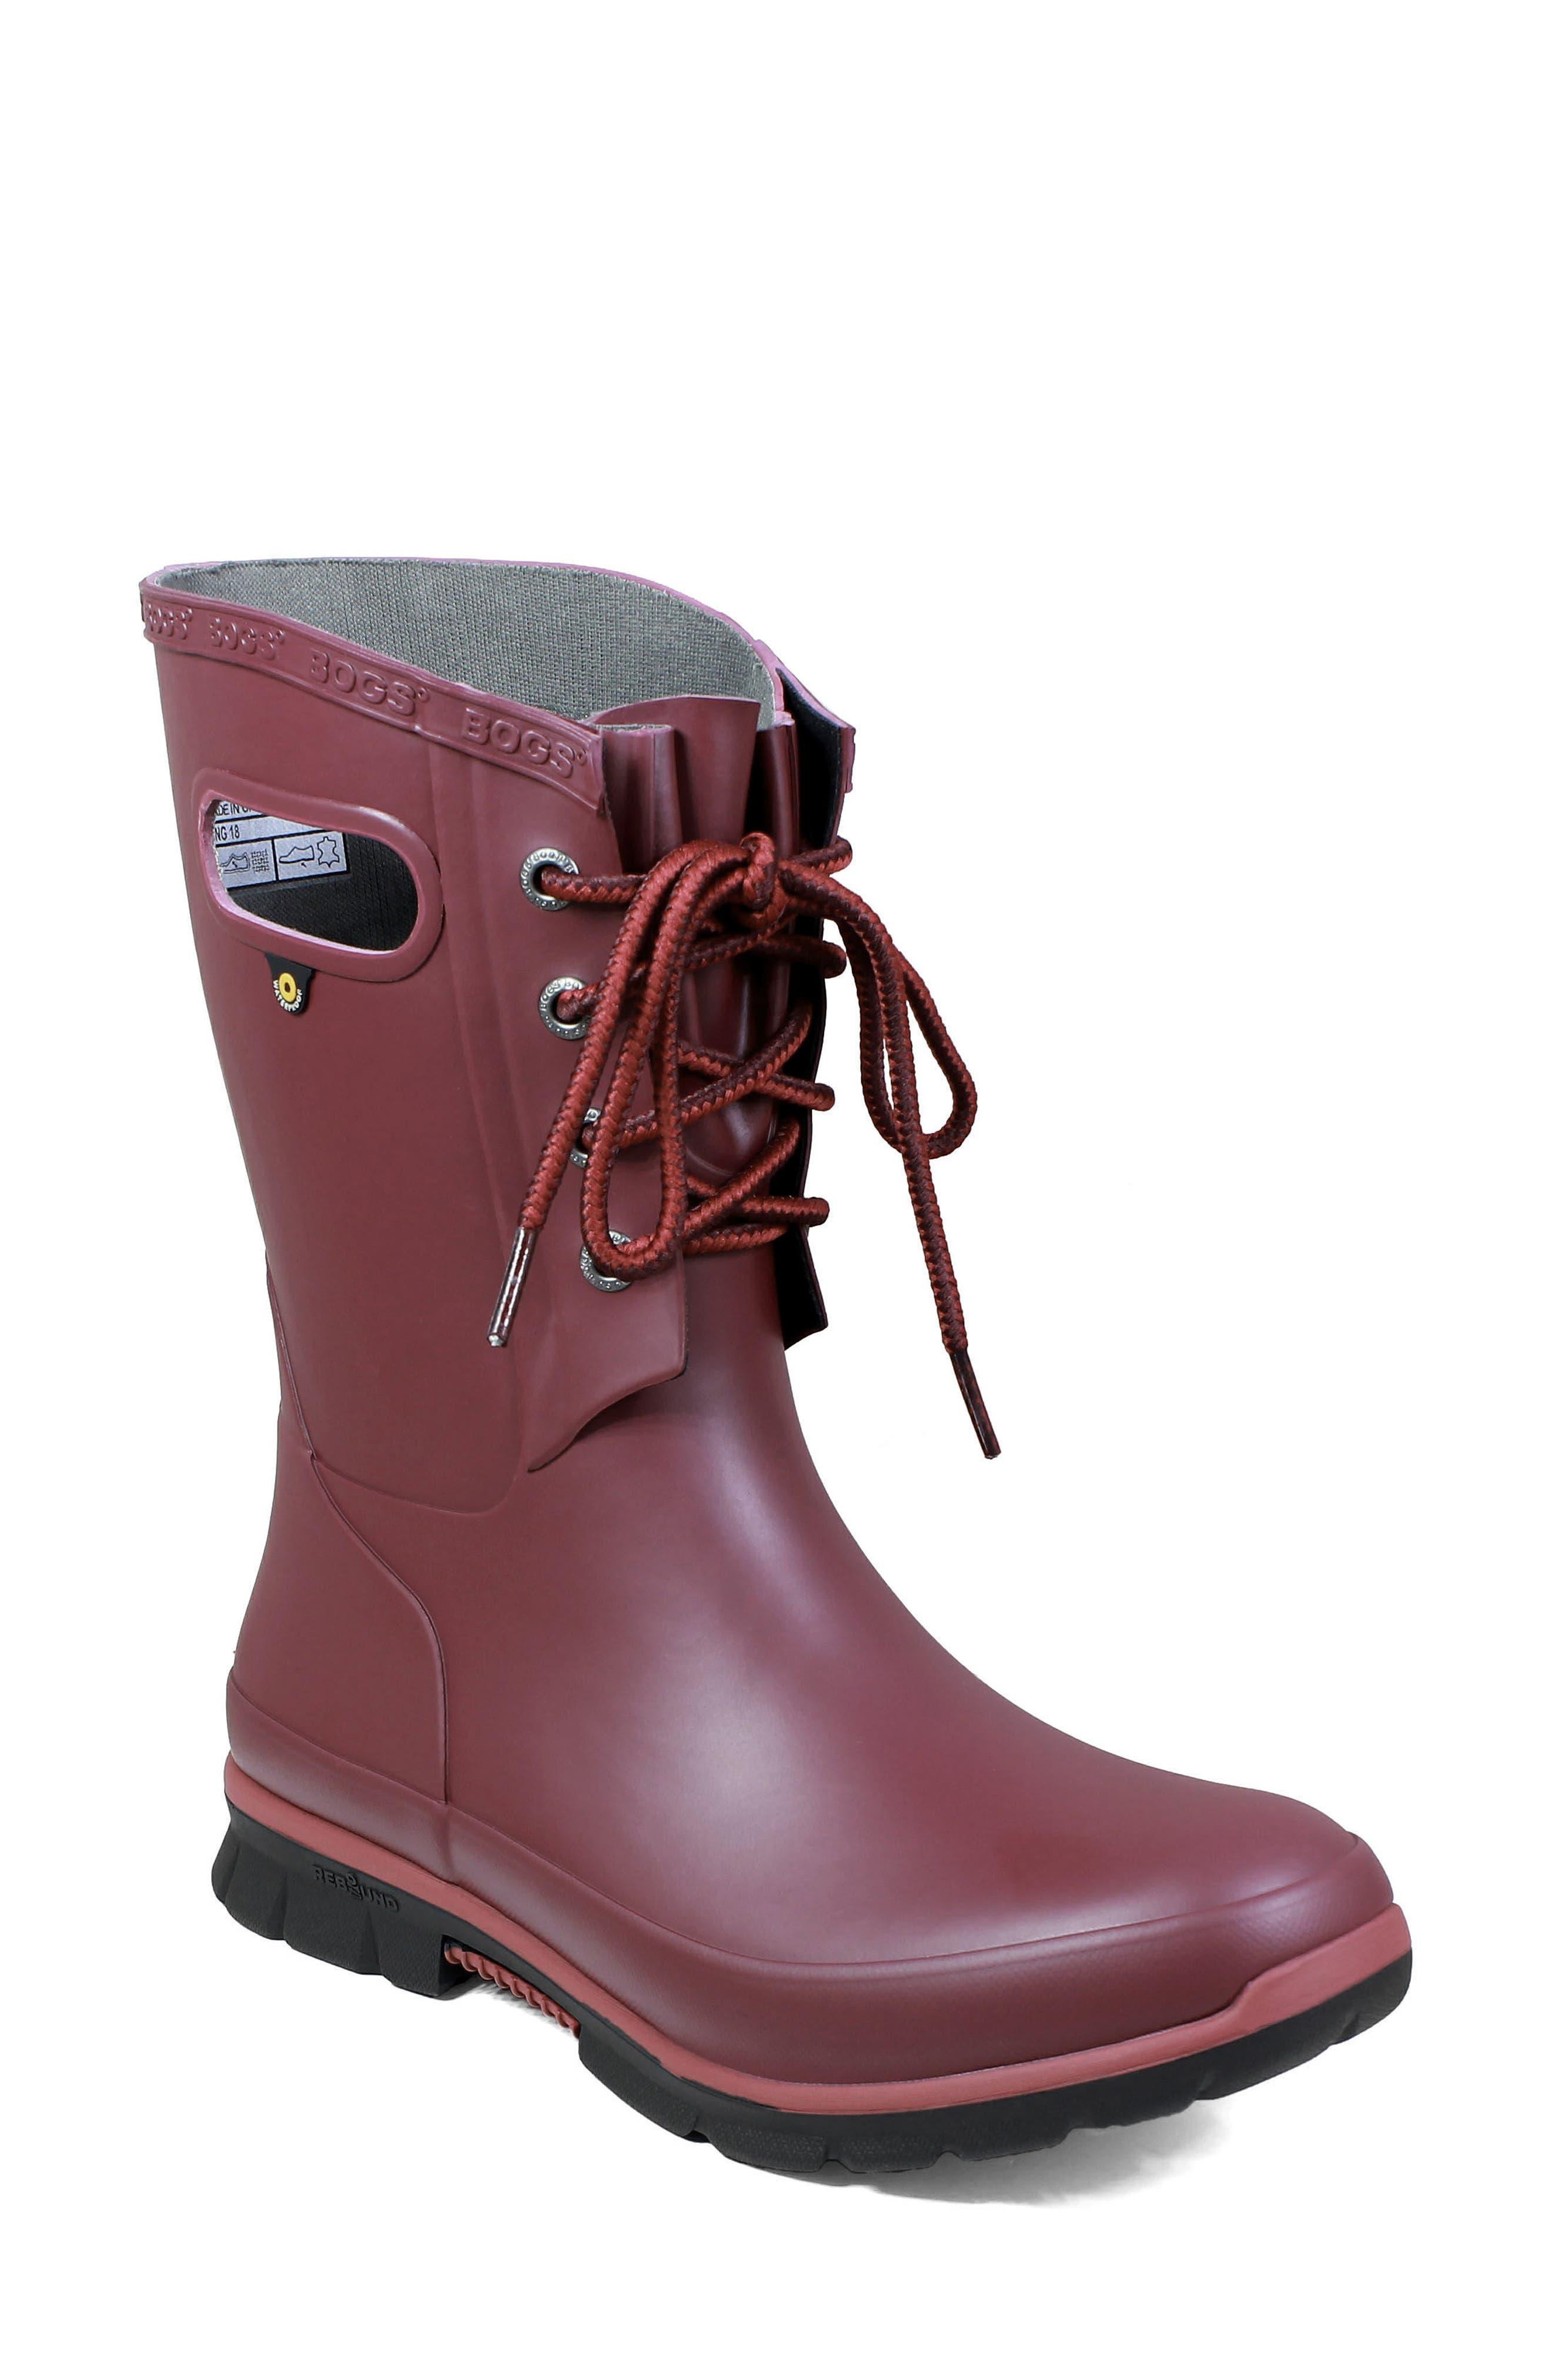 Alternate Image 1 Selected - Bogs Amanda Waterproof Boot (Women)